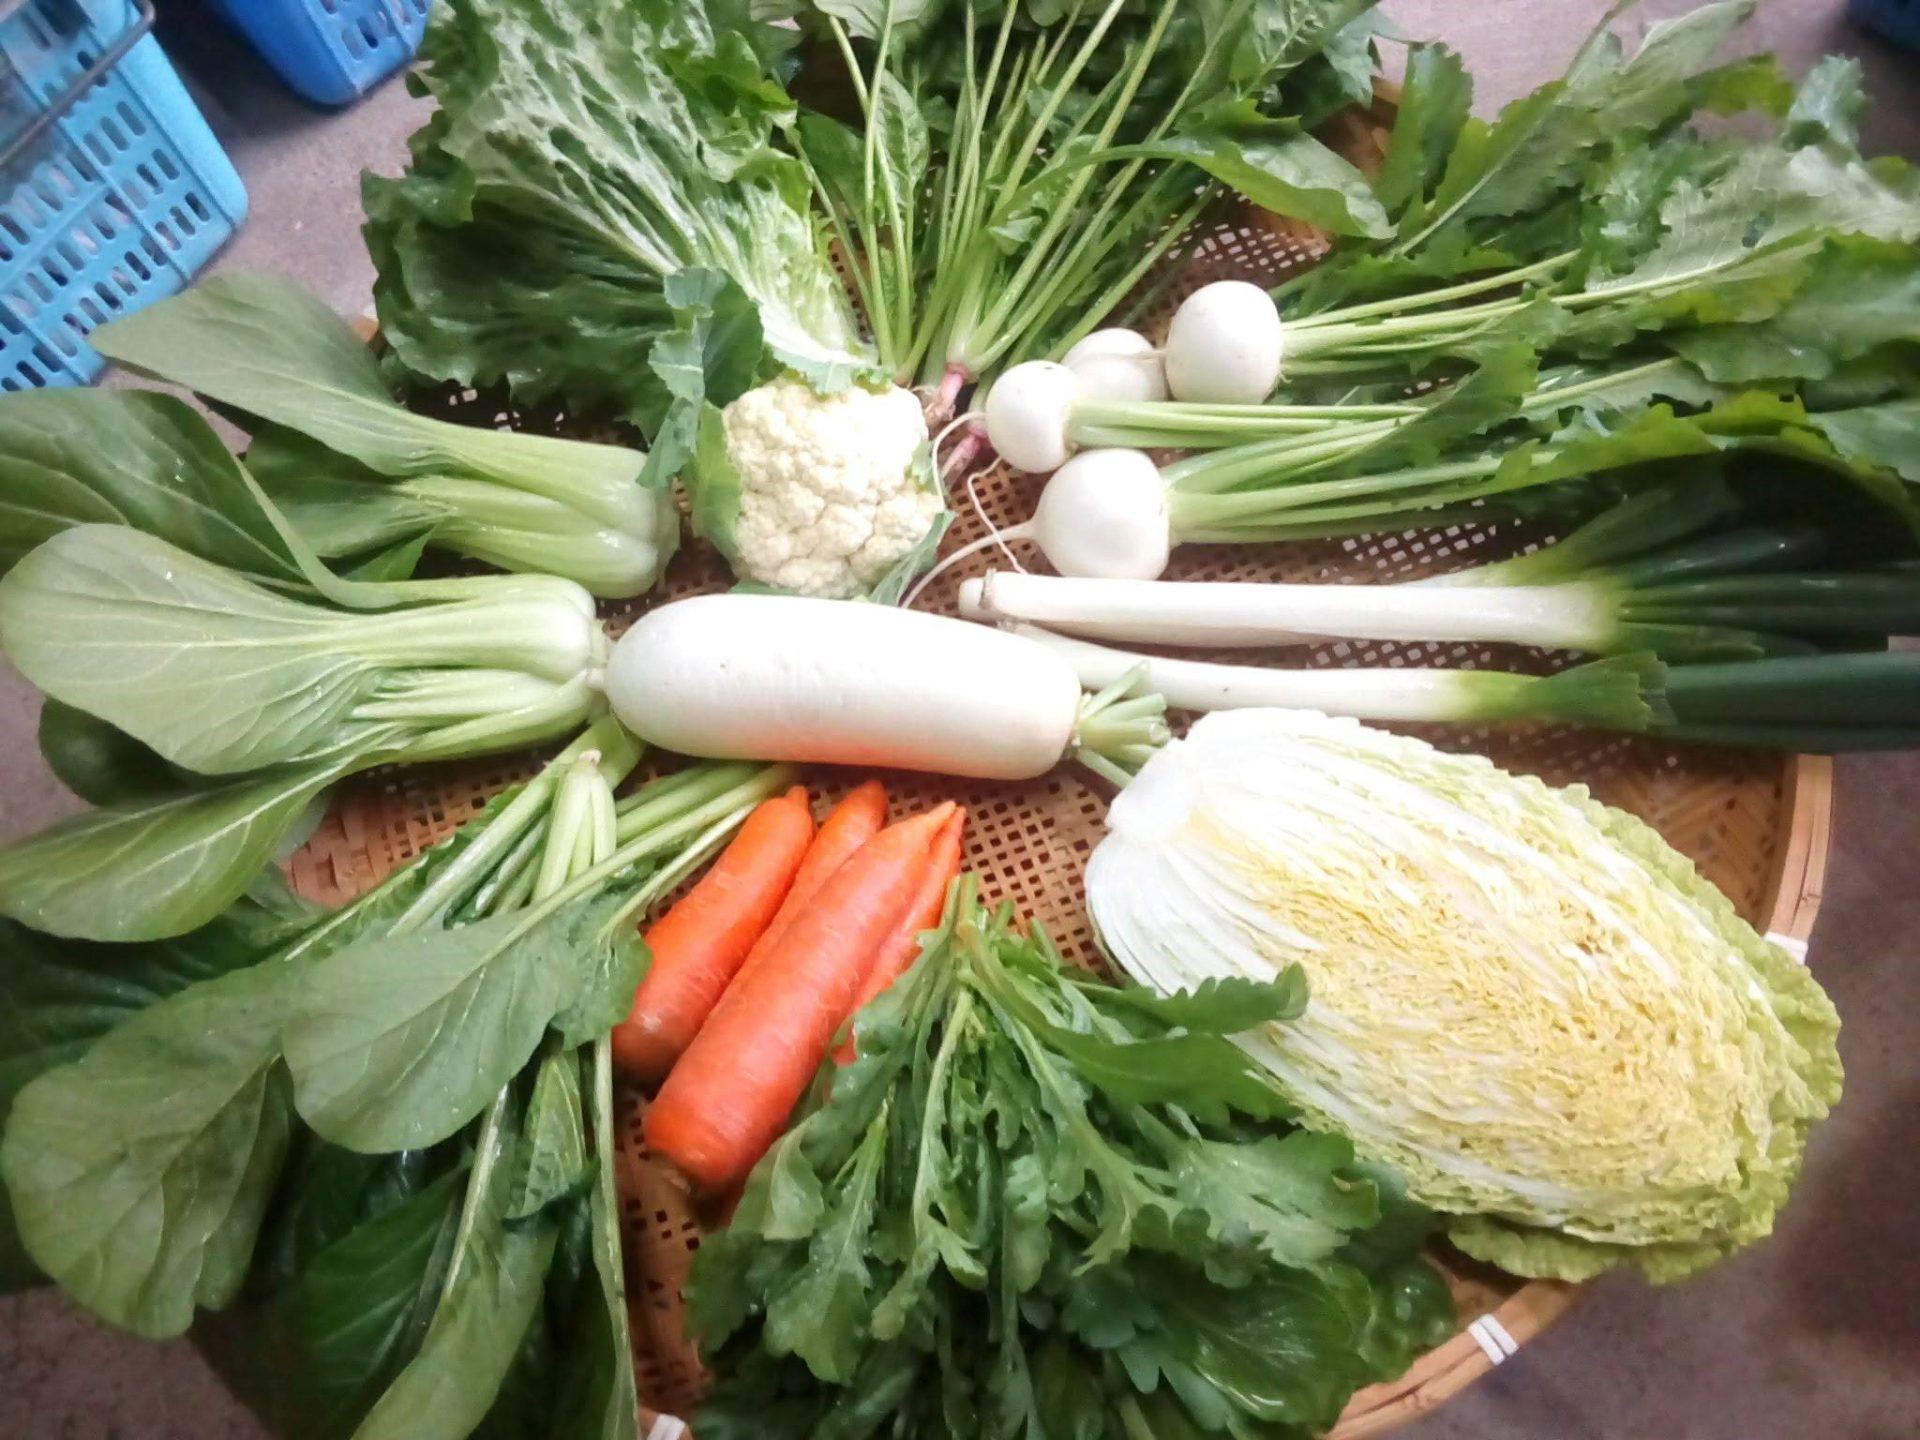 野菜セット定期購入新規会員募集中